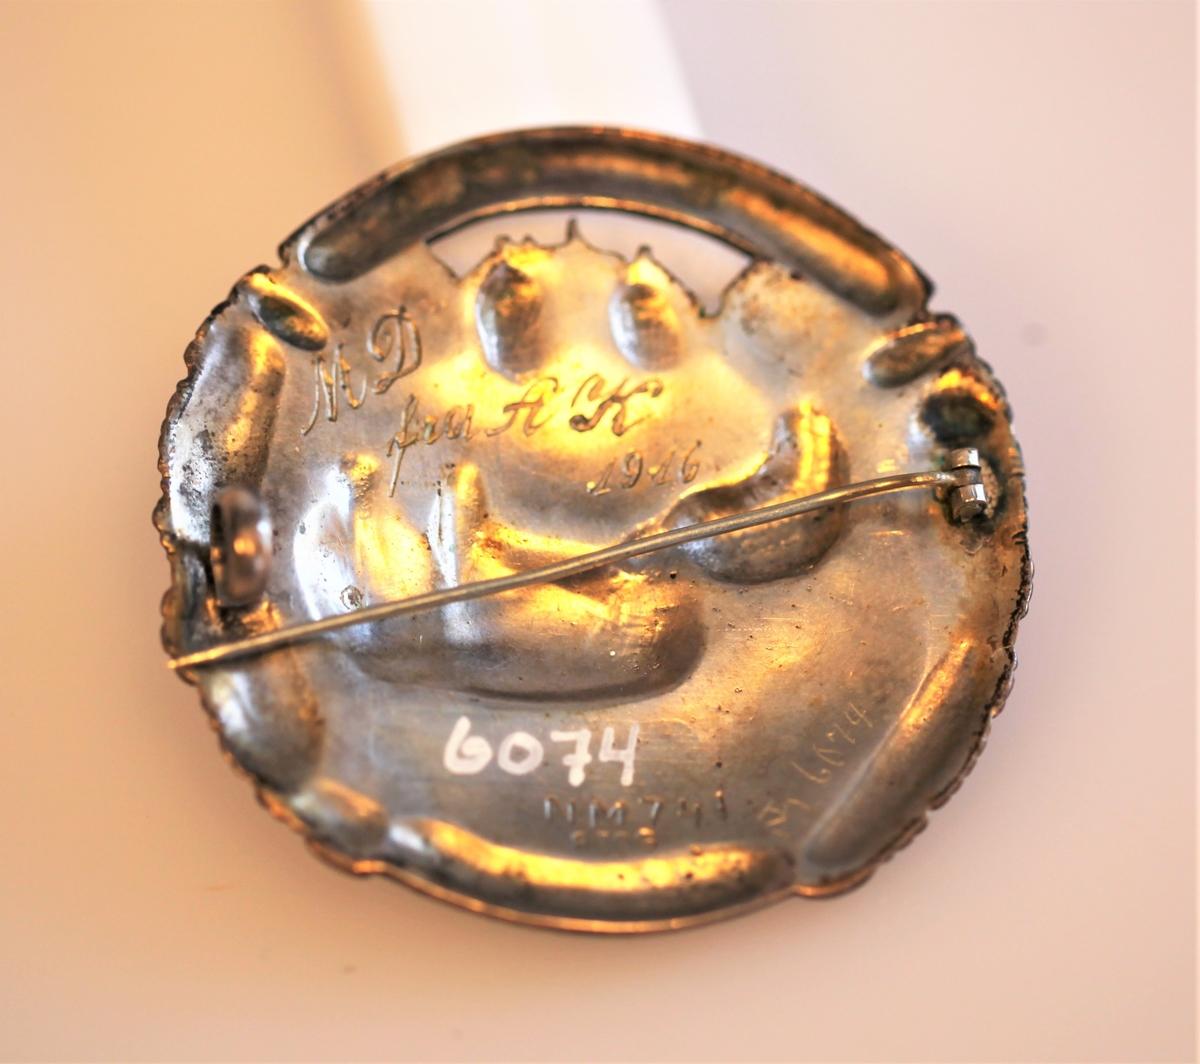 Sirkelrund og støpt brystnål med bilder og innskrift i relieff. Motivet er Sverdrups ferd til riksforsamlingen på Eidsvoll i 1814, han kjører i spisslede godt nedpakket under sledefellen, Kjørekar bakpå med tommene i venstre og svepen i høyre hånd , i bakgrunnen Eidsvollbygningen. Over langs kanten står TIL RIGSFORSAMLINGEN 1814, under langs kanten HUSK GUD ER ATAAT, mellom inndkriftene sammenfattede hender. Bak på nålen MD fra AK 1916 N M 741 830S